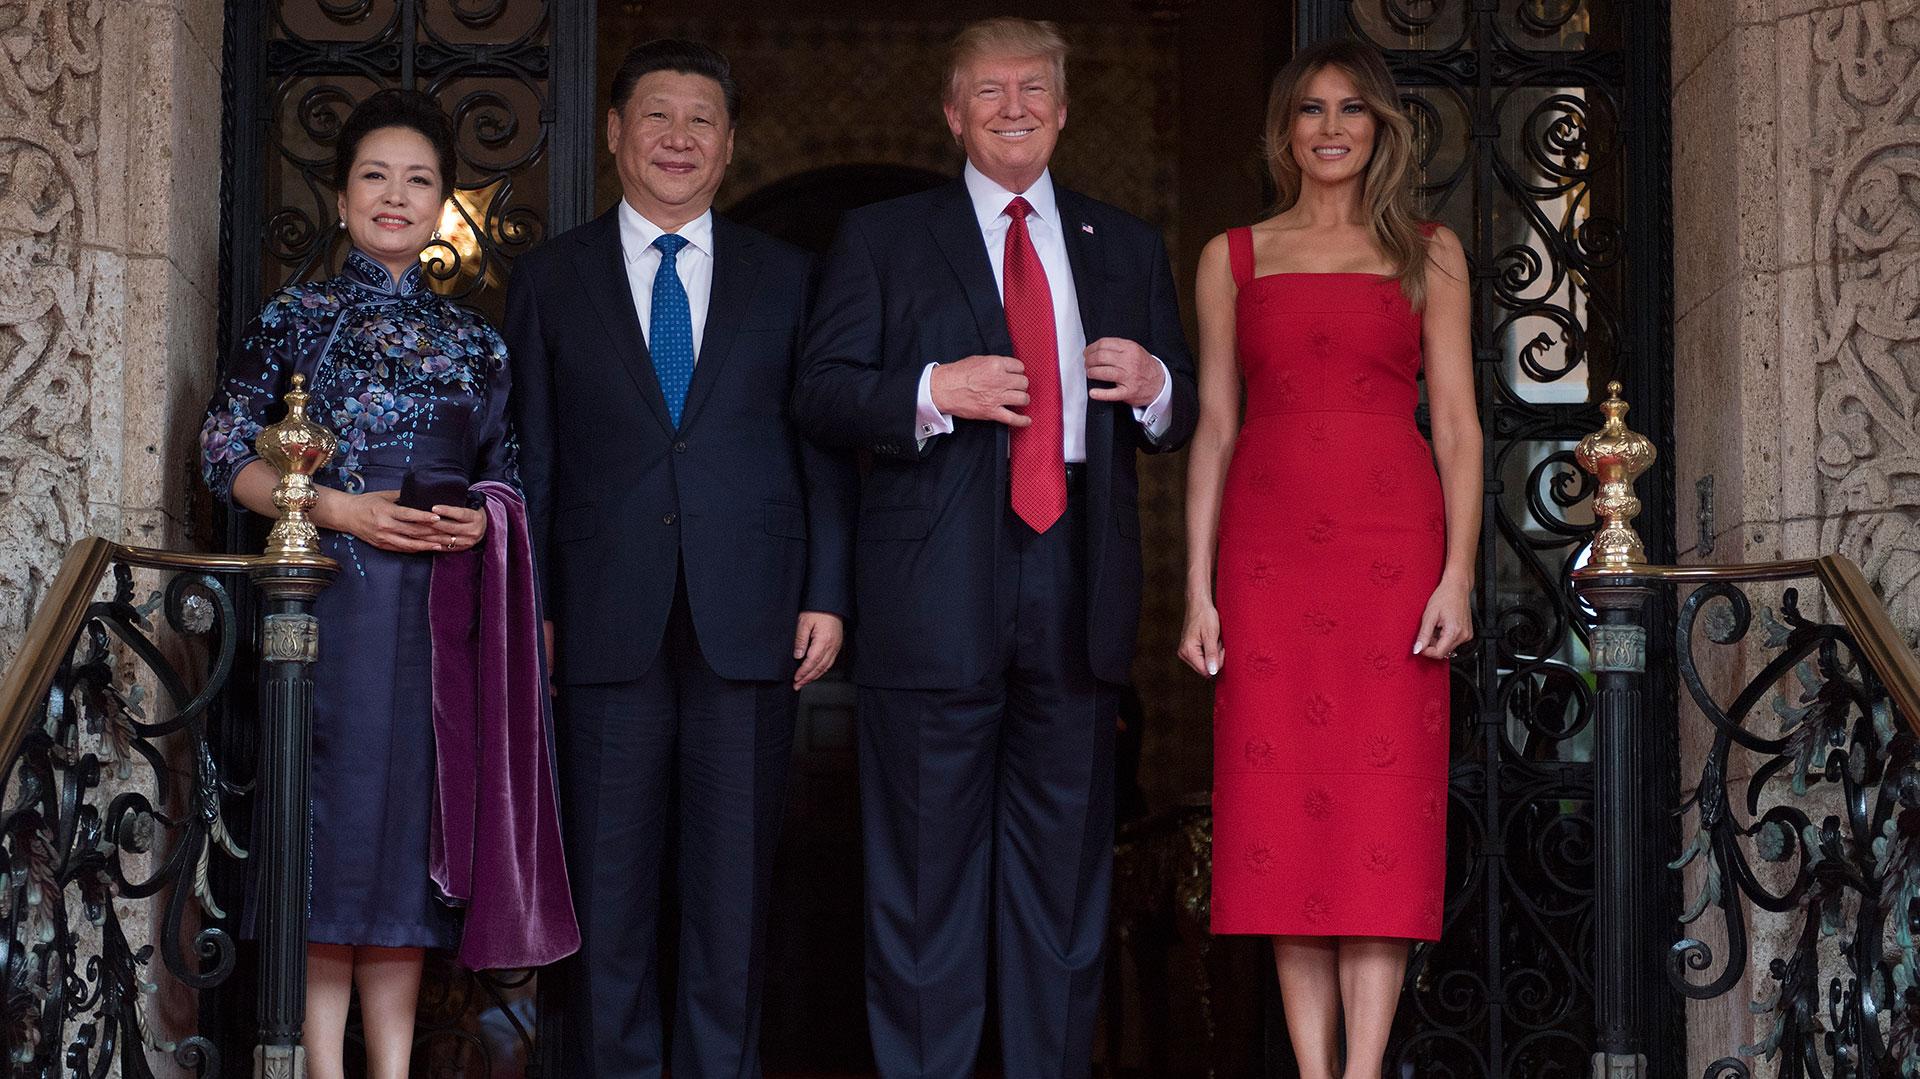 La Primera Dama Peng Liyuan y el Presidente de China Xi Jinping posan con Donald y Melania Trump